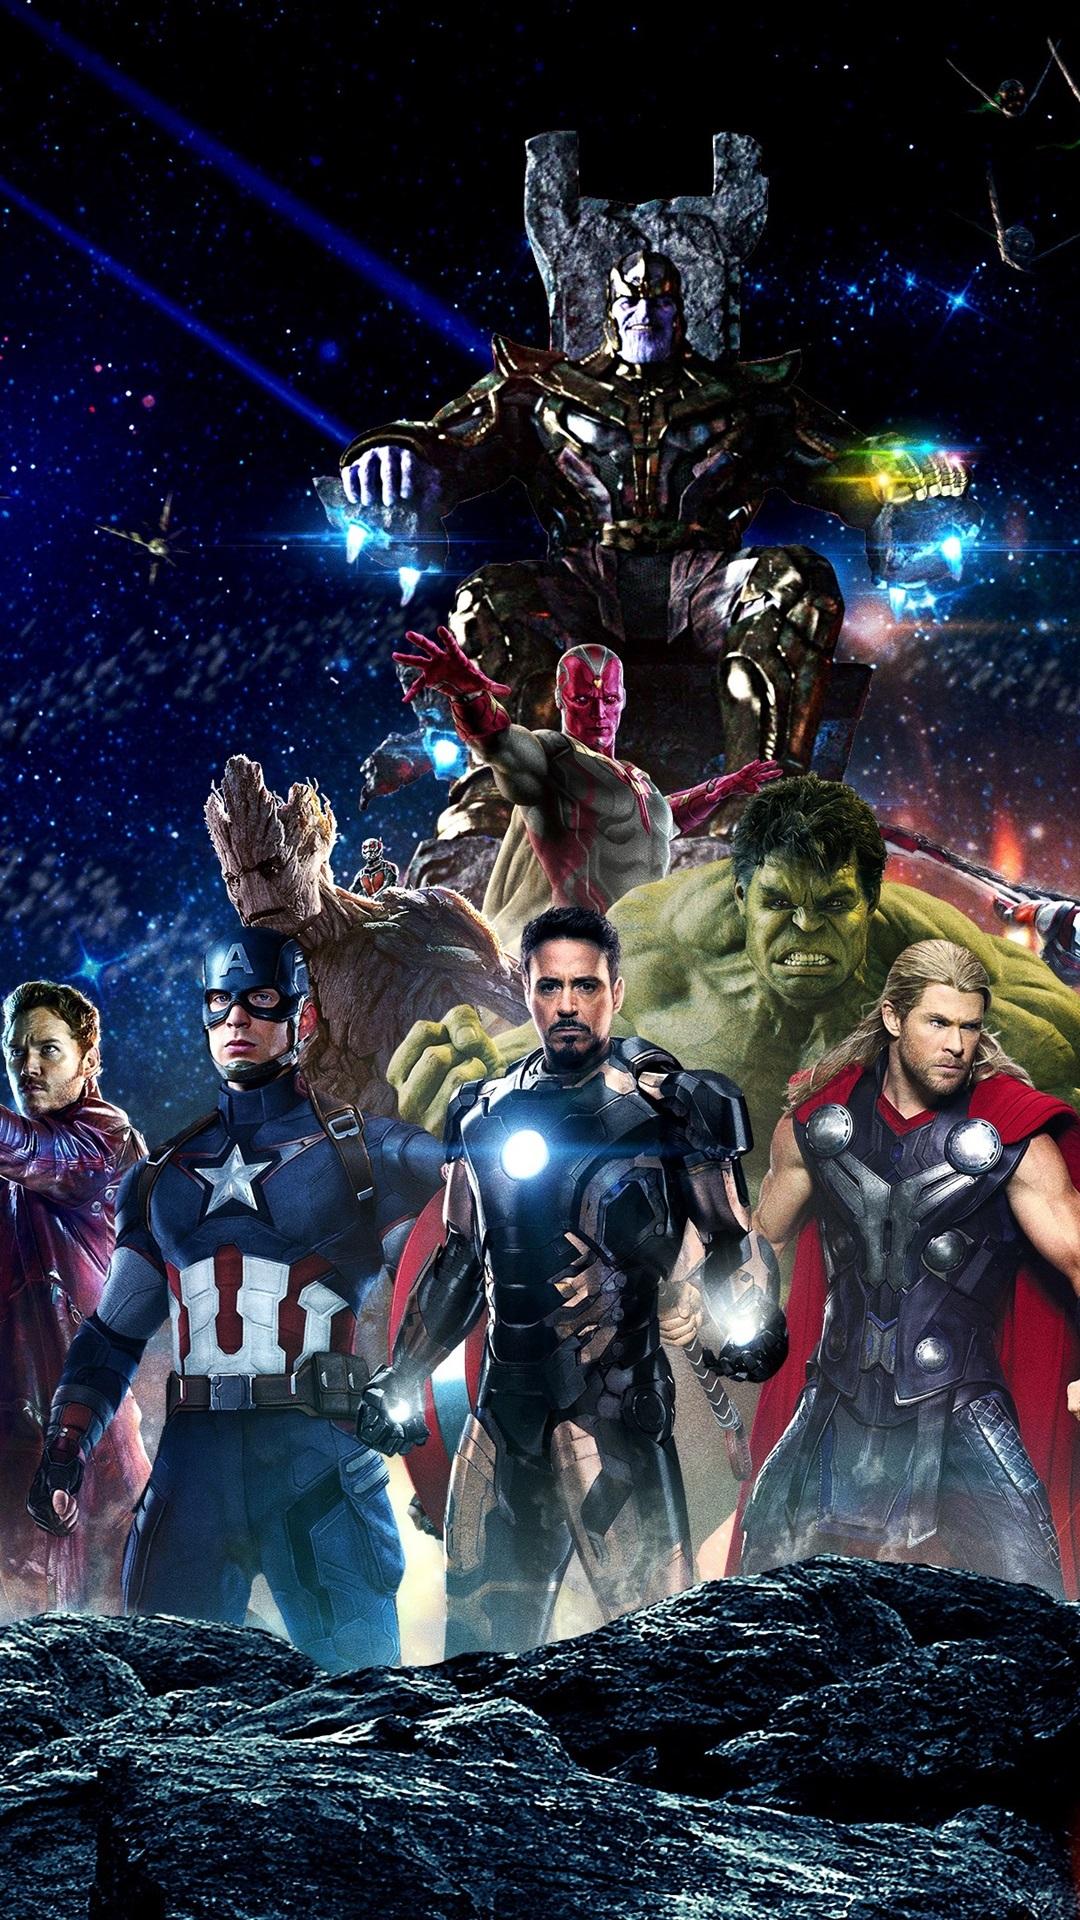 Wallpaper avengers 3 infinity war 2018 3840x2160 uhd 4k - Avengers infinity war wallpaper iphone ...